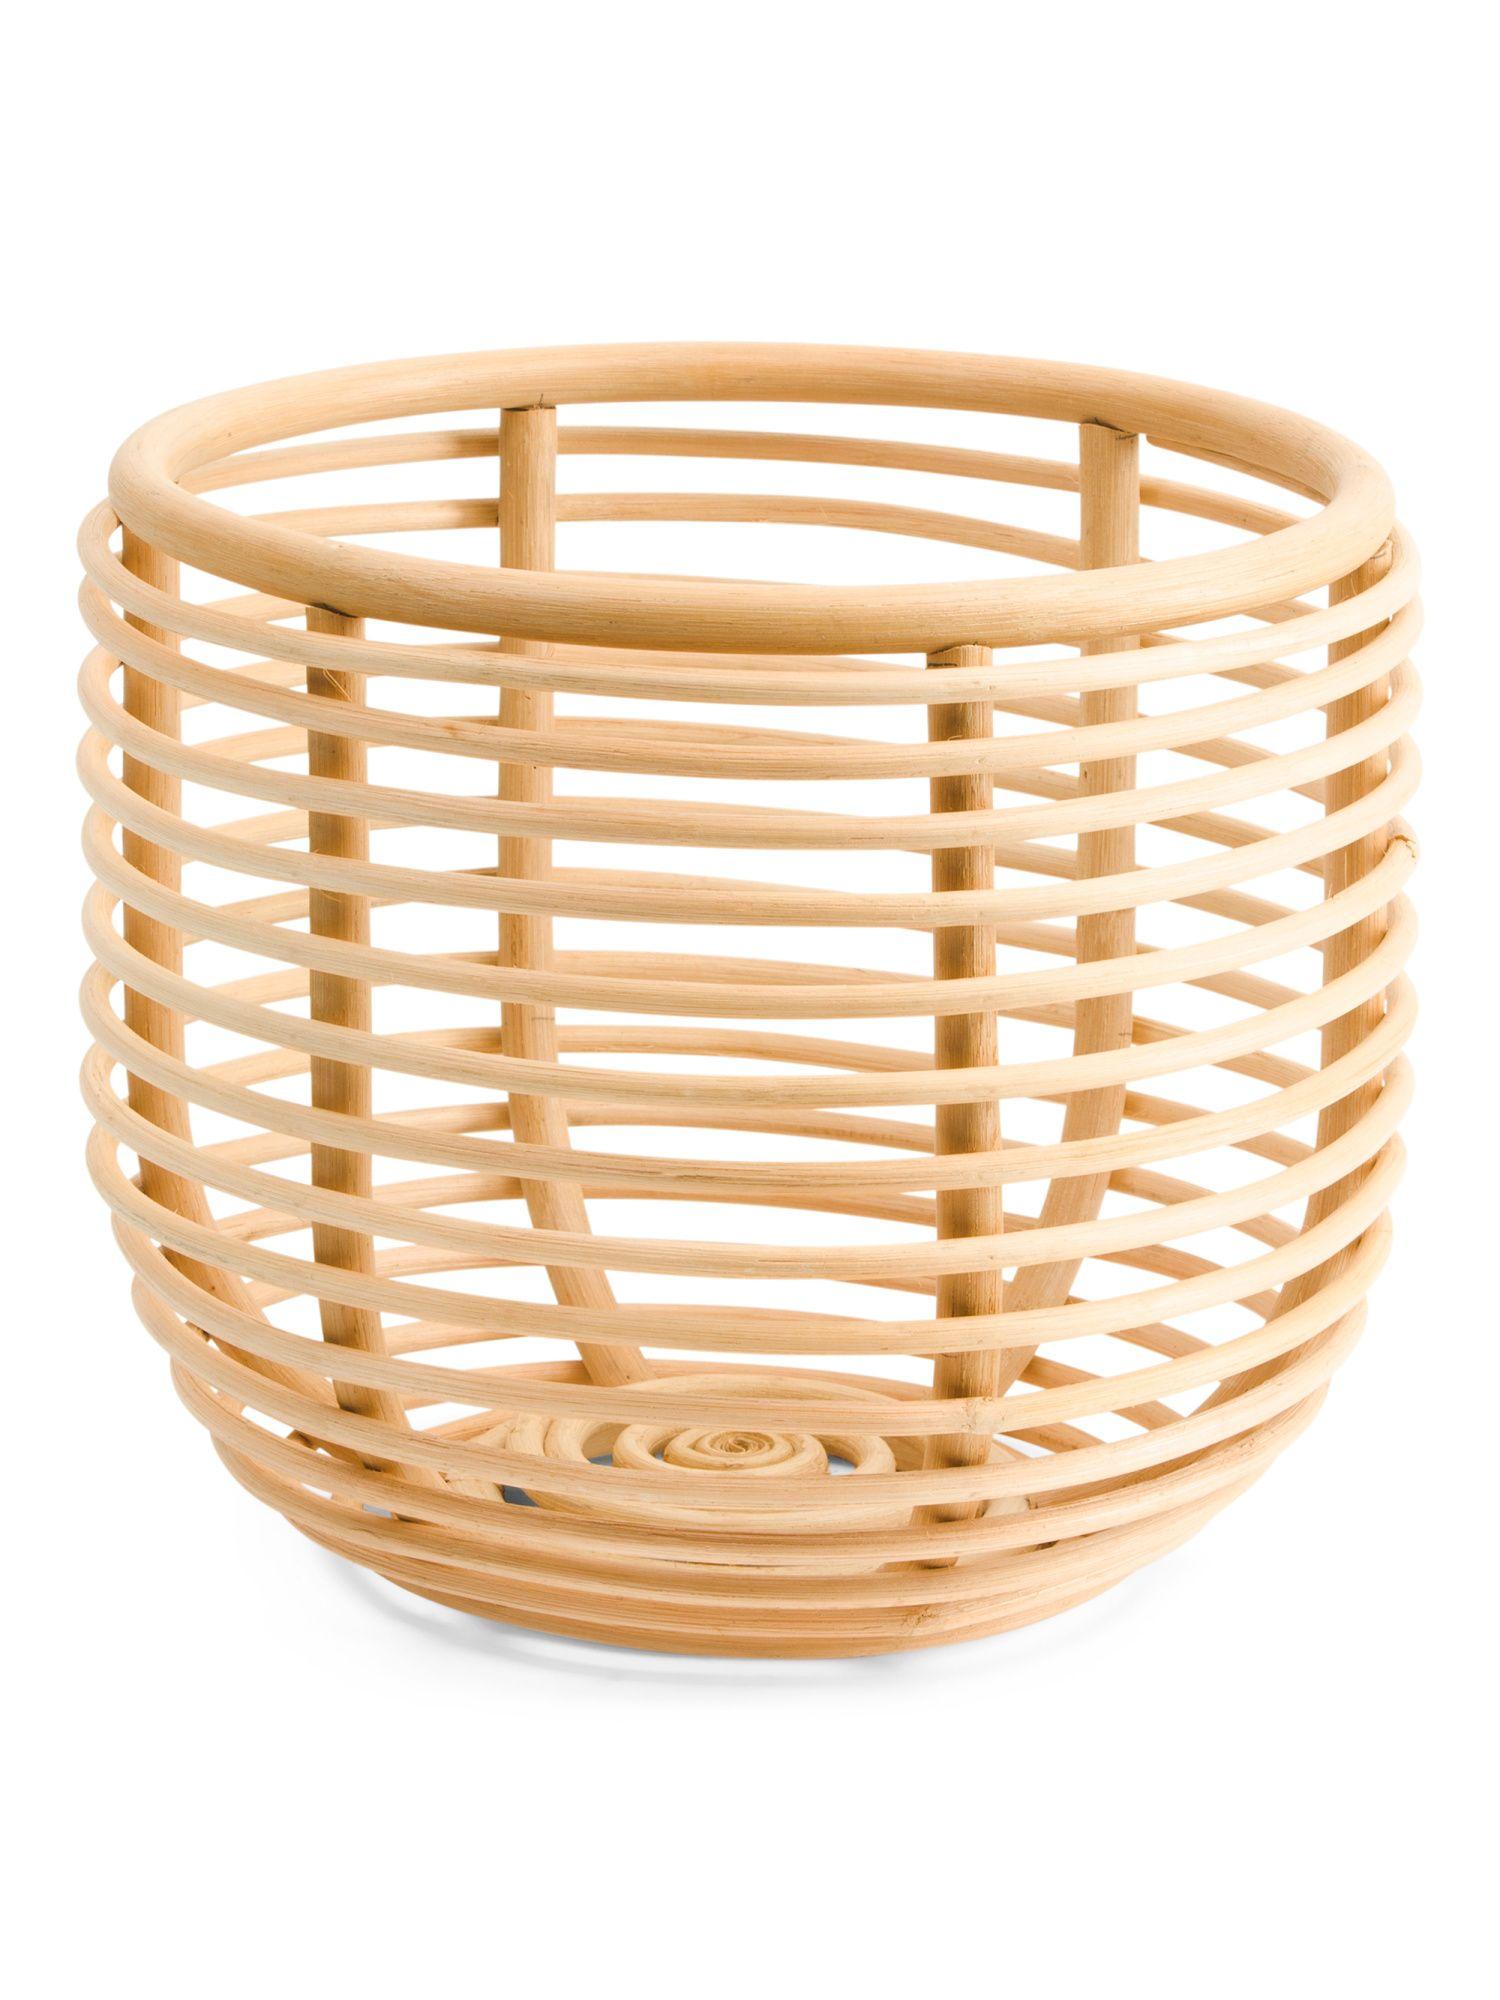 Made In India Round Rattan Basket Storage T.J.Maxx